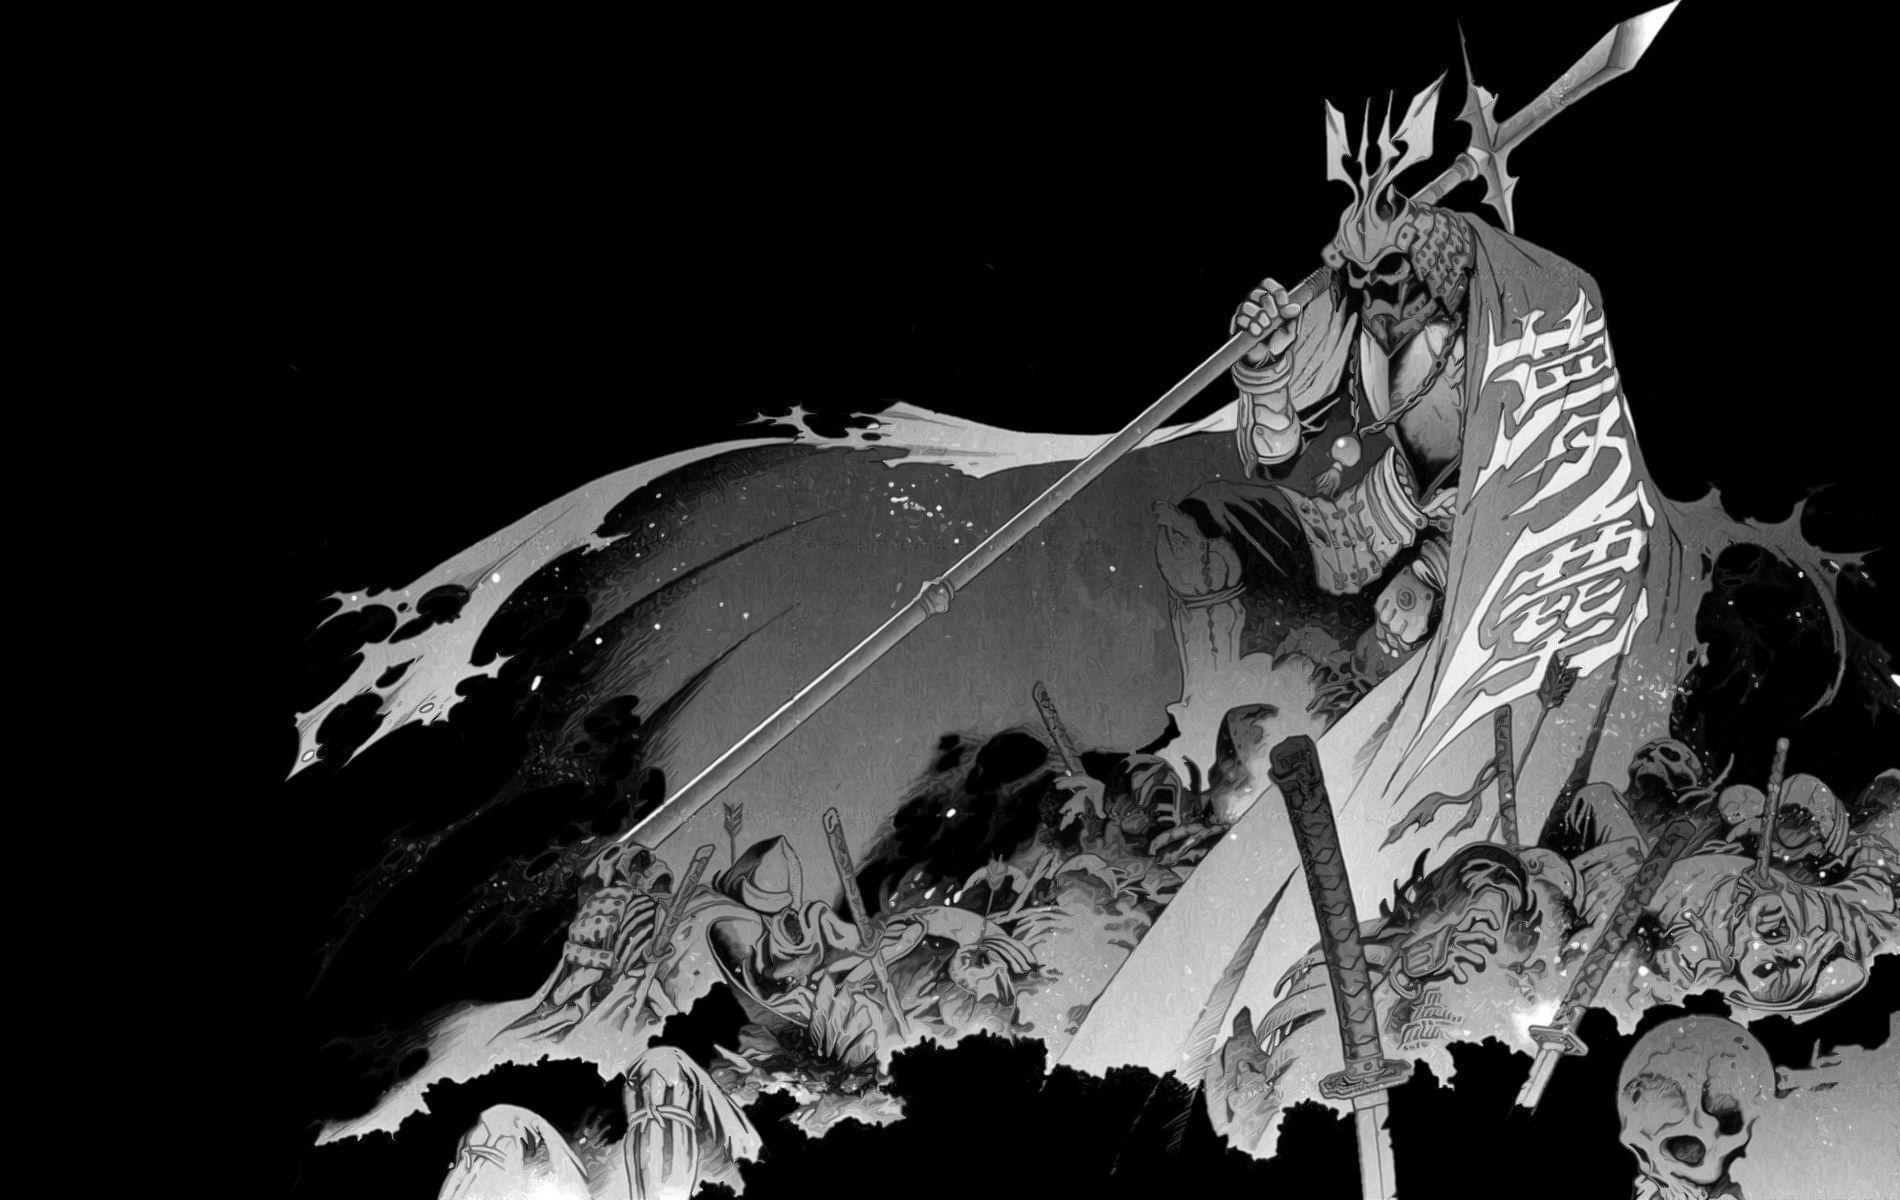 Dark Samurai Wallpapers Wallpaper Cave